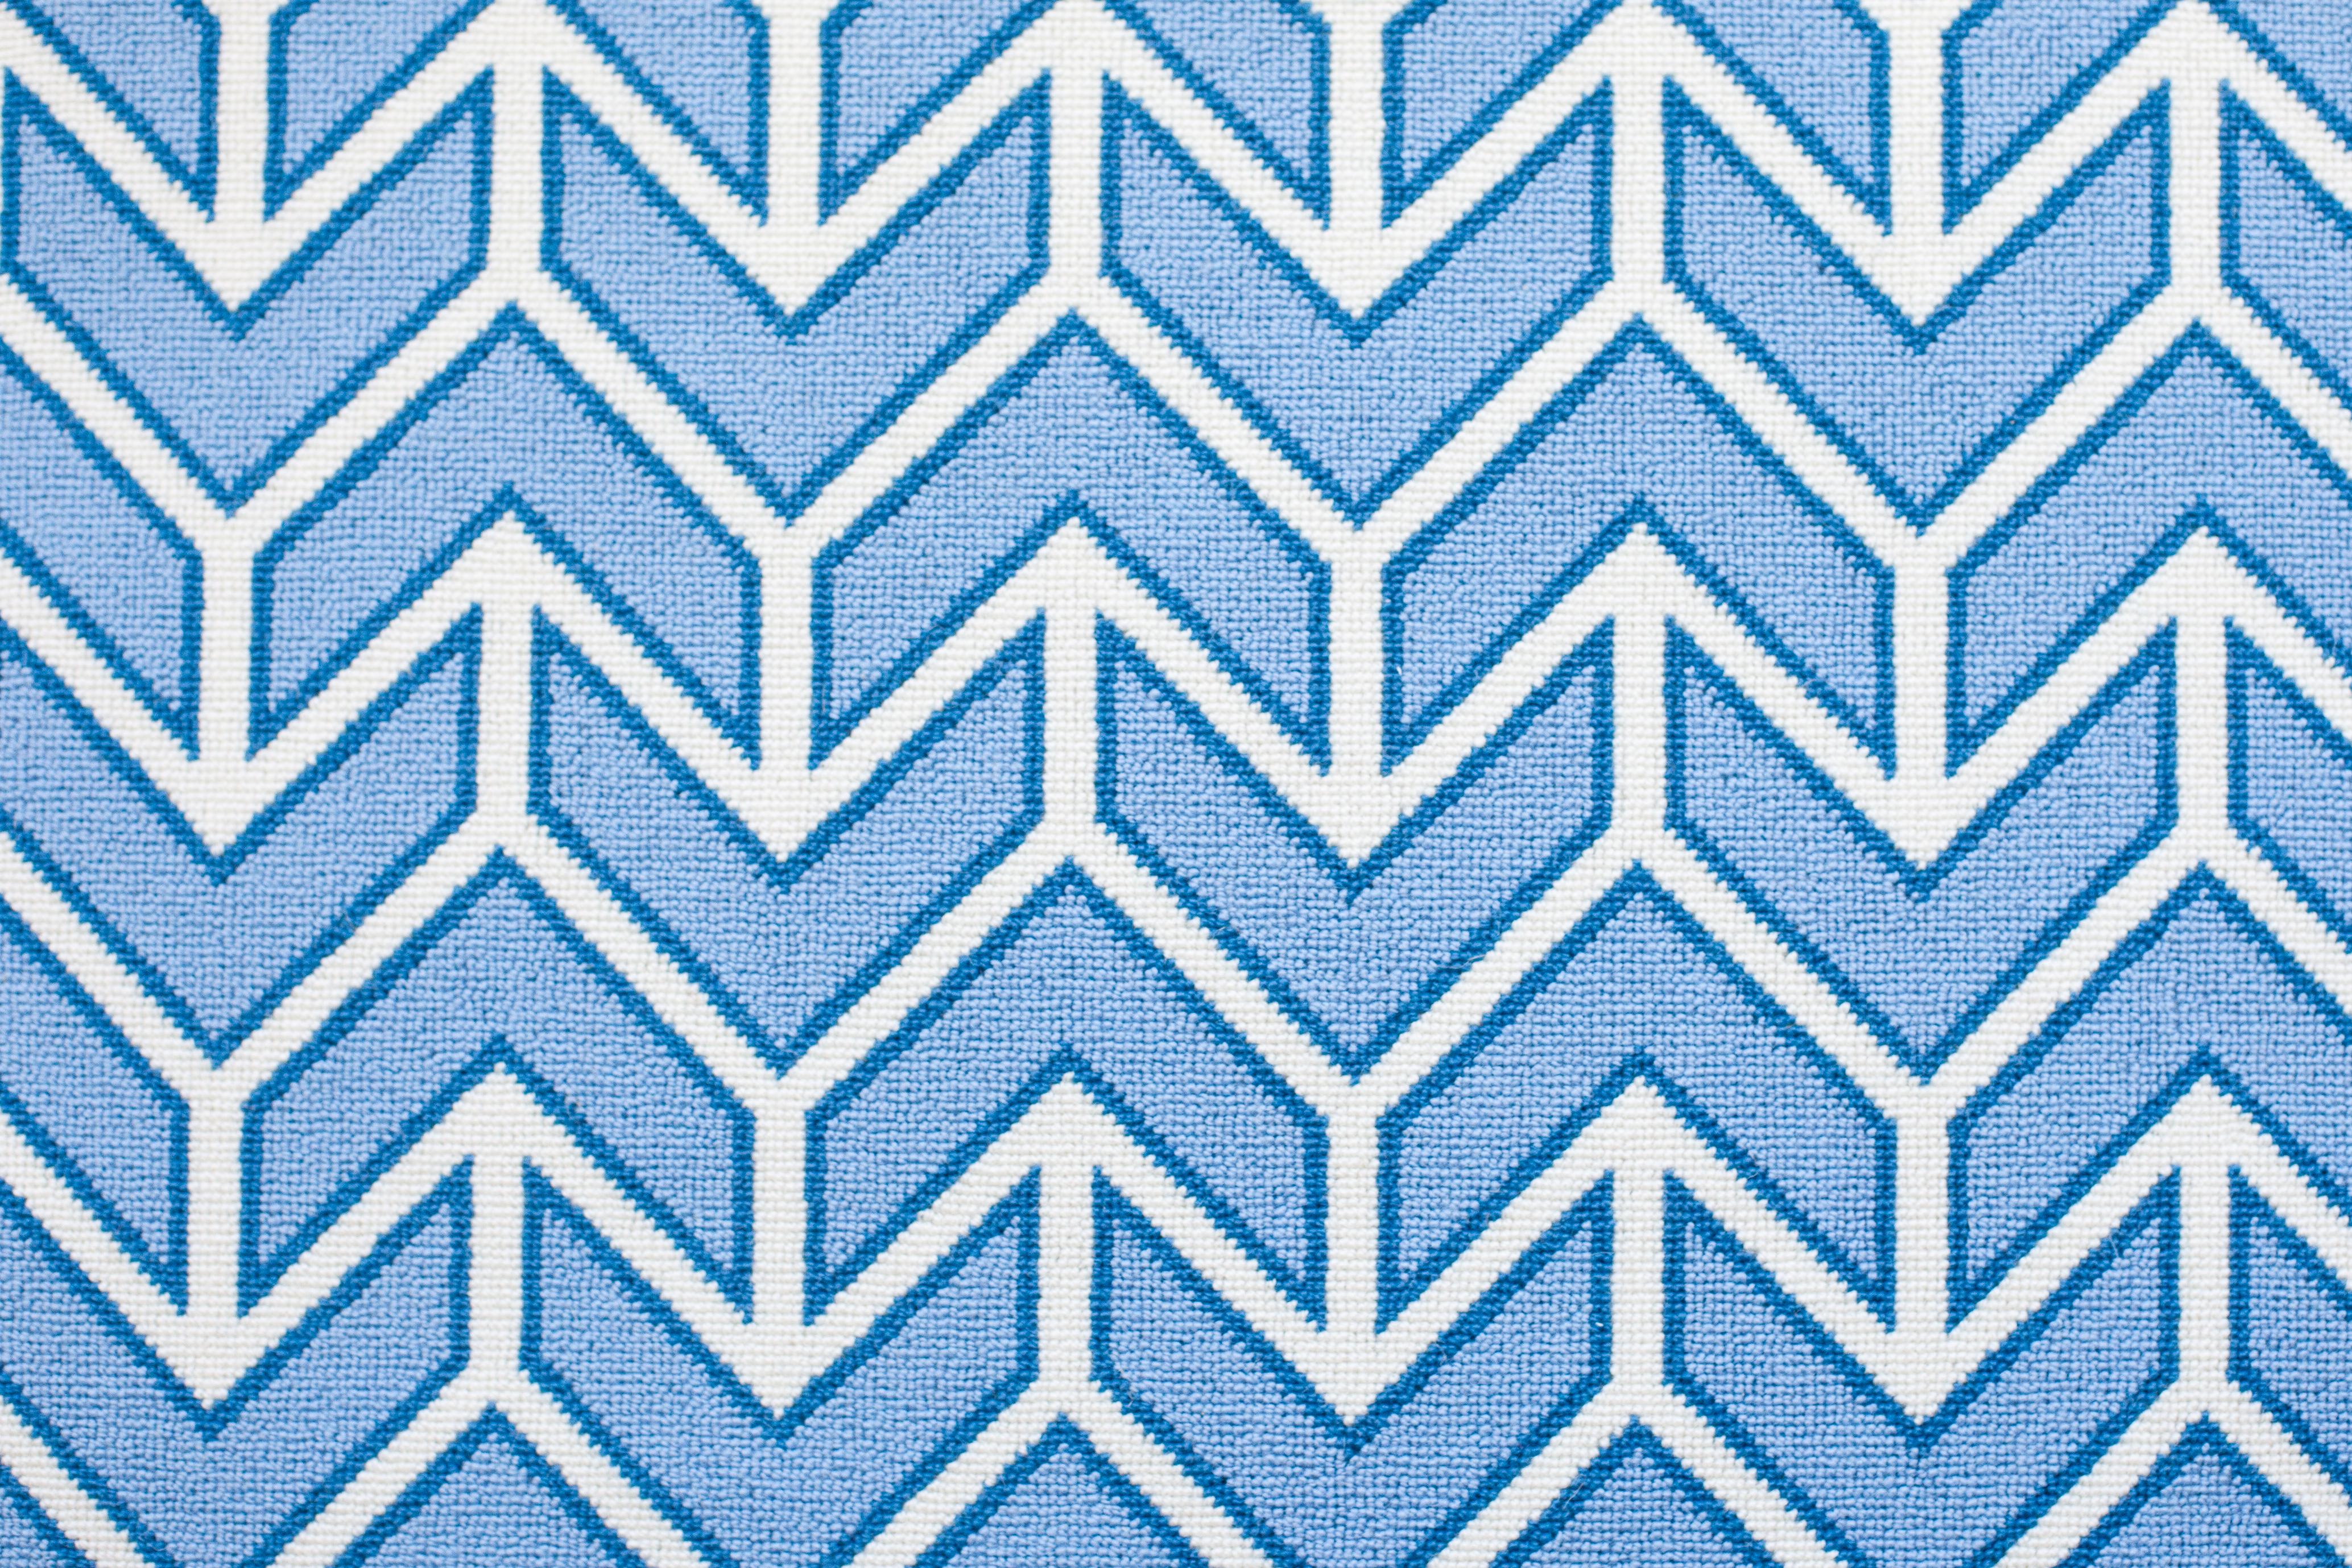 Modern blue carpet texture for Modern carpet pattern blue seamless